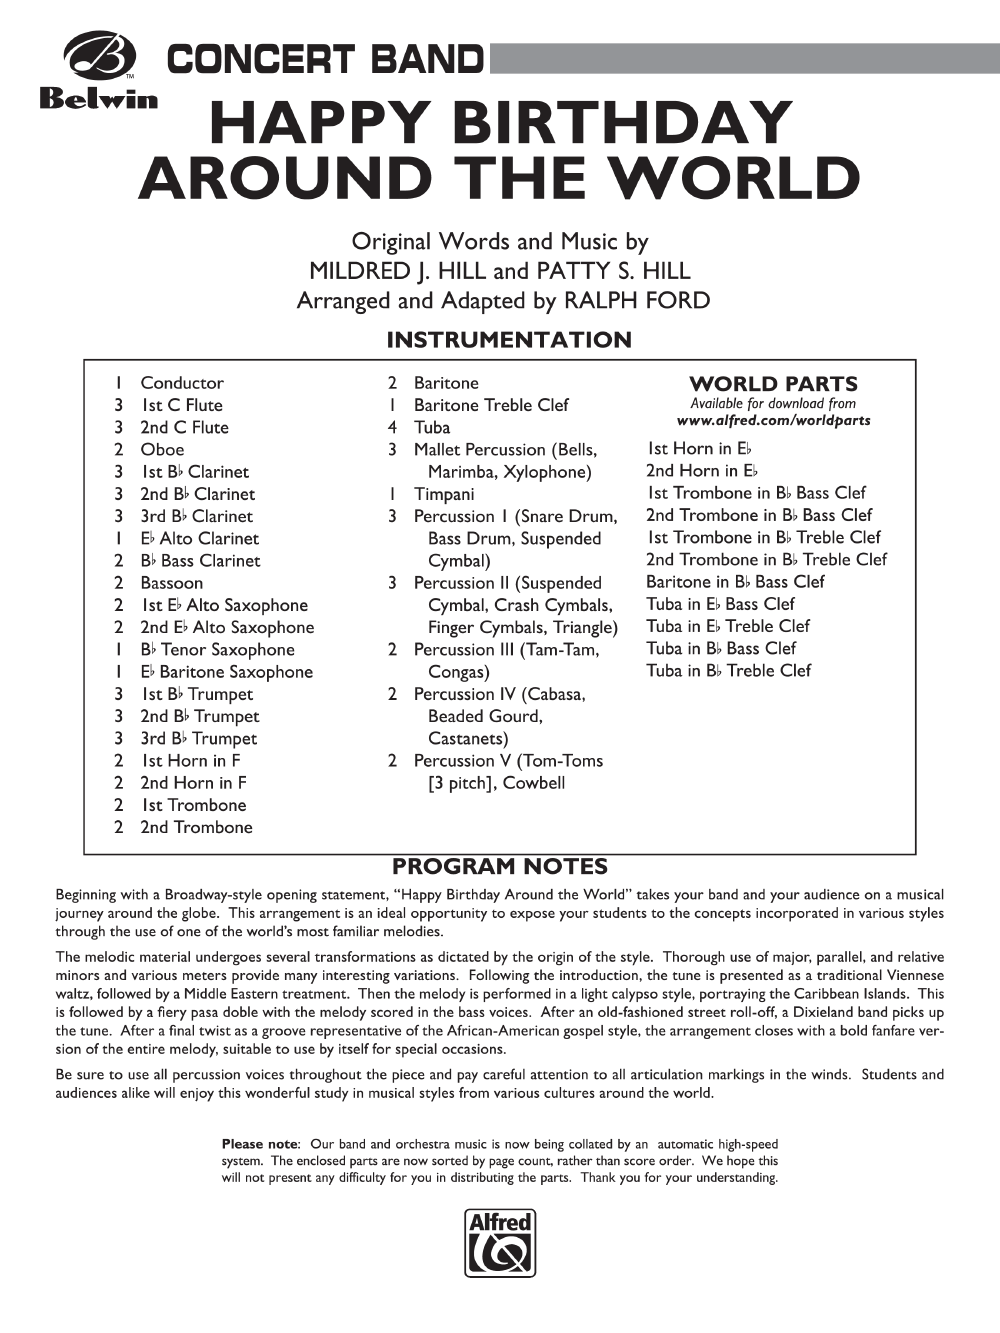 Happy Birthday Around the World (Full Score | J W  Pepper Sheet Music